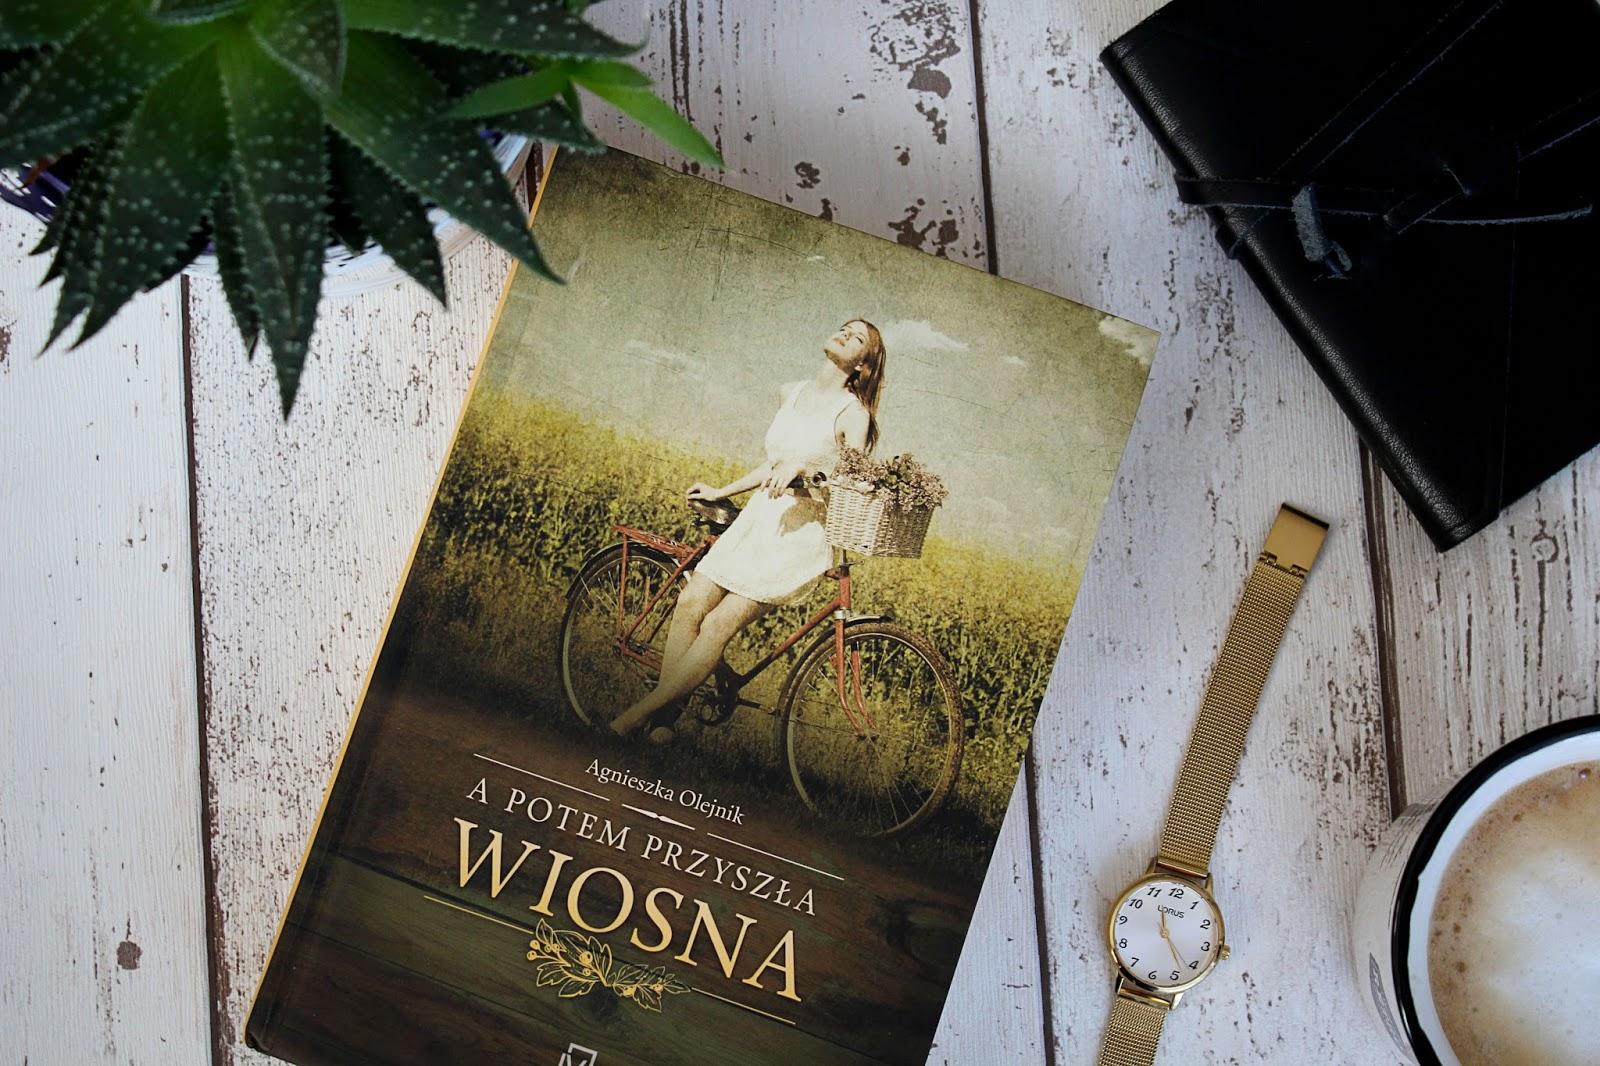 """""""A potem przyszła wiosna"""" Agnieszka Olejnik"""